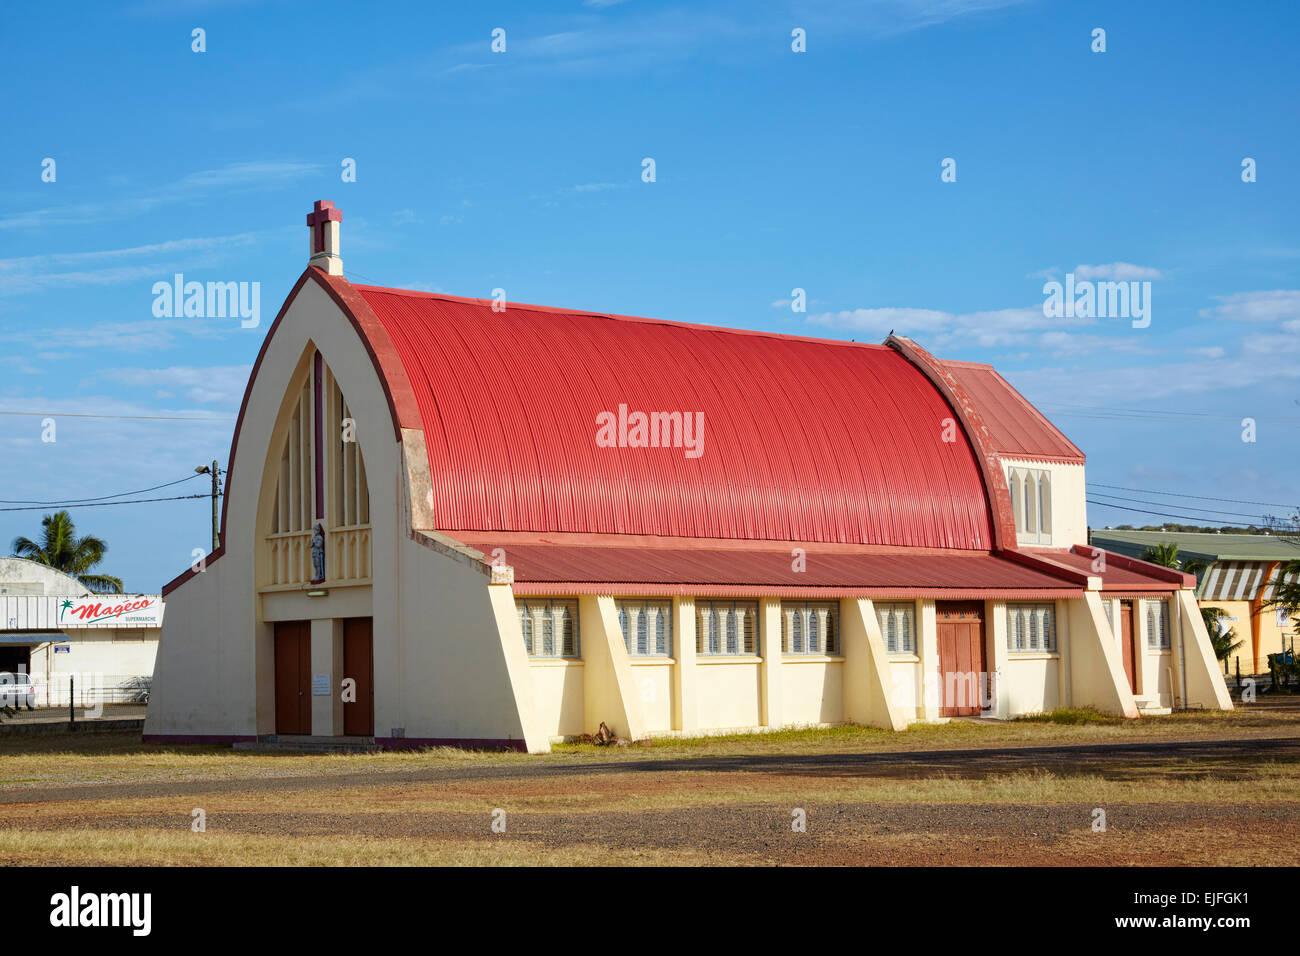 Church (Eglise Ste Jeanne d'Arc) made out of World War II arcraft hangar, Koumac, New Caledonia Stock Photo